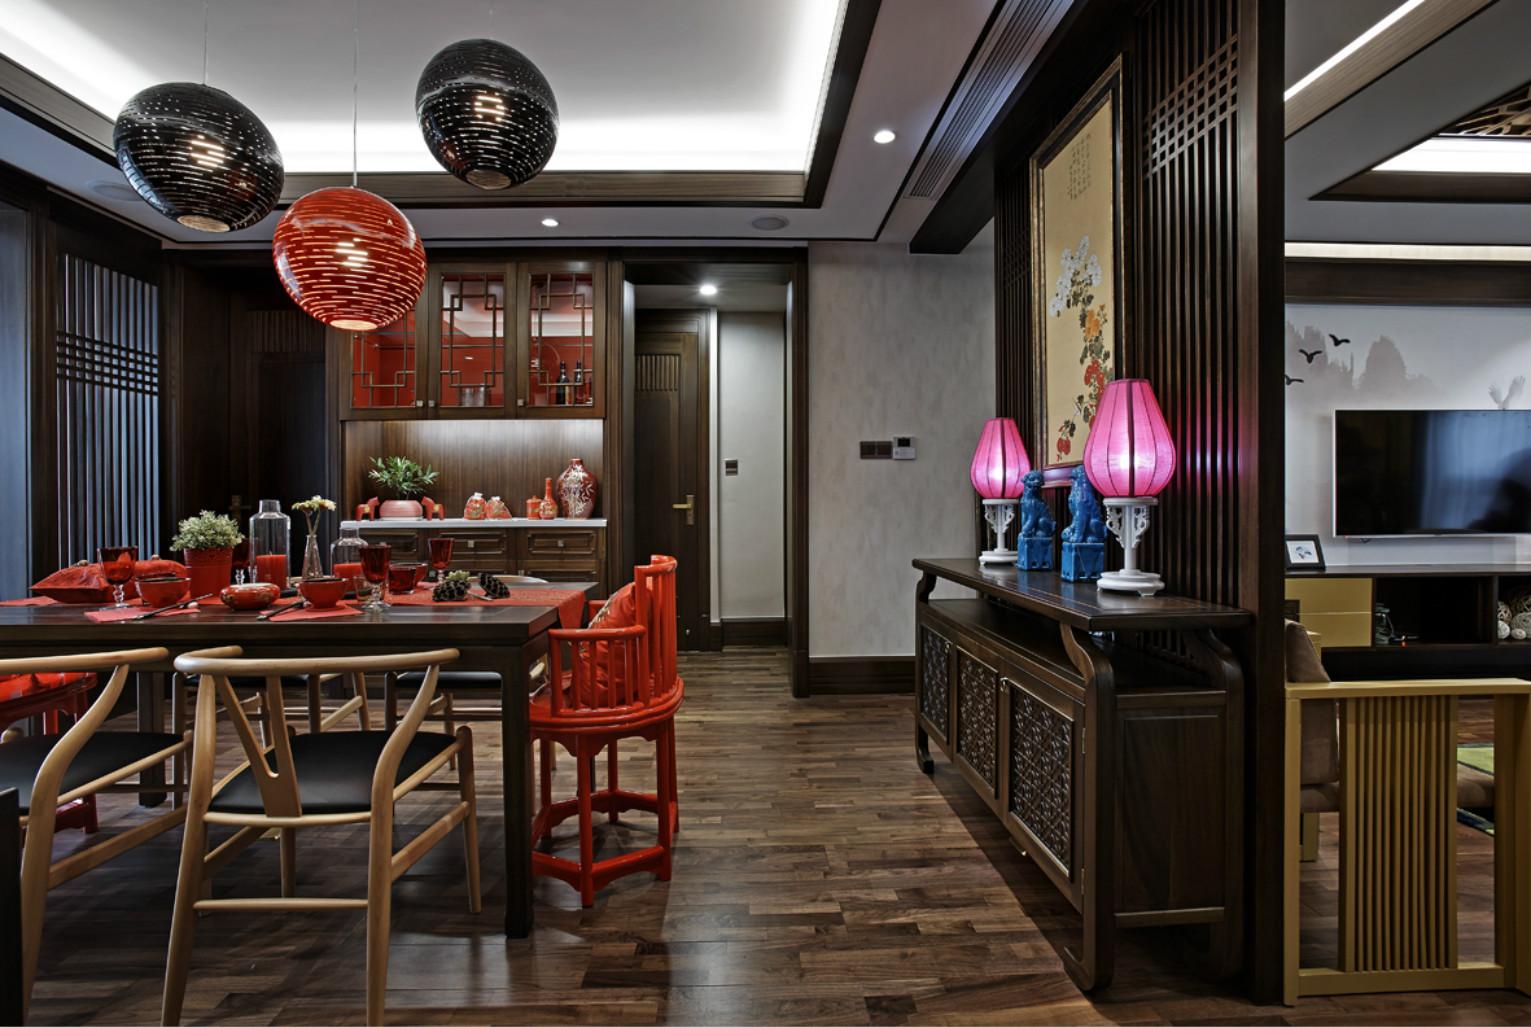 餐厅,复古实木餐桌和皮质餐椅,给人高贵又时尚的感觉。